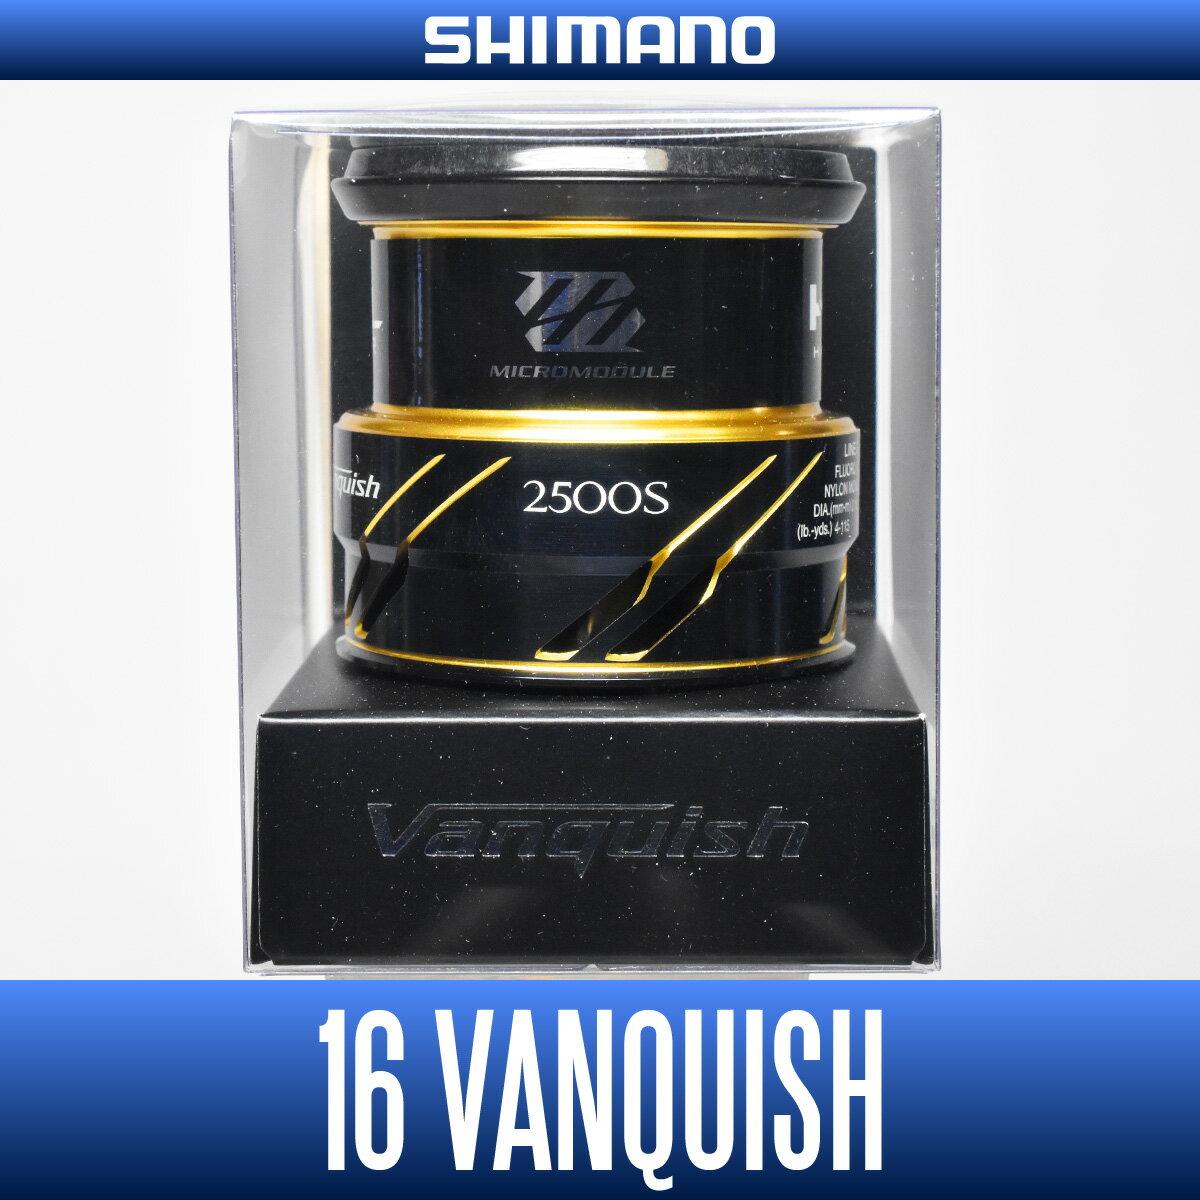 【シマノ純正】16ヴァンキッシュ 2500S番クラス スペアスプール